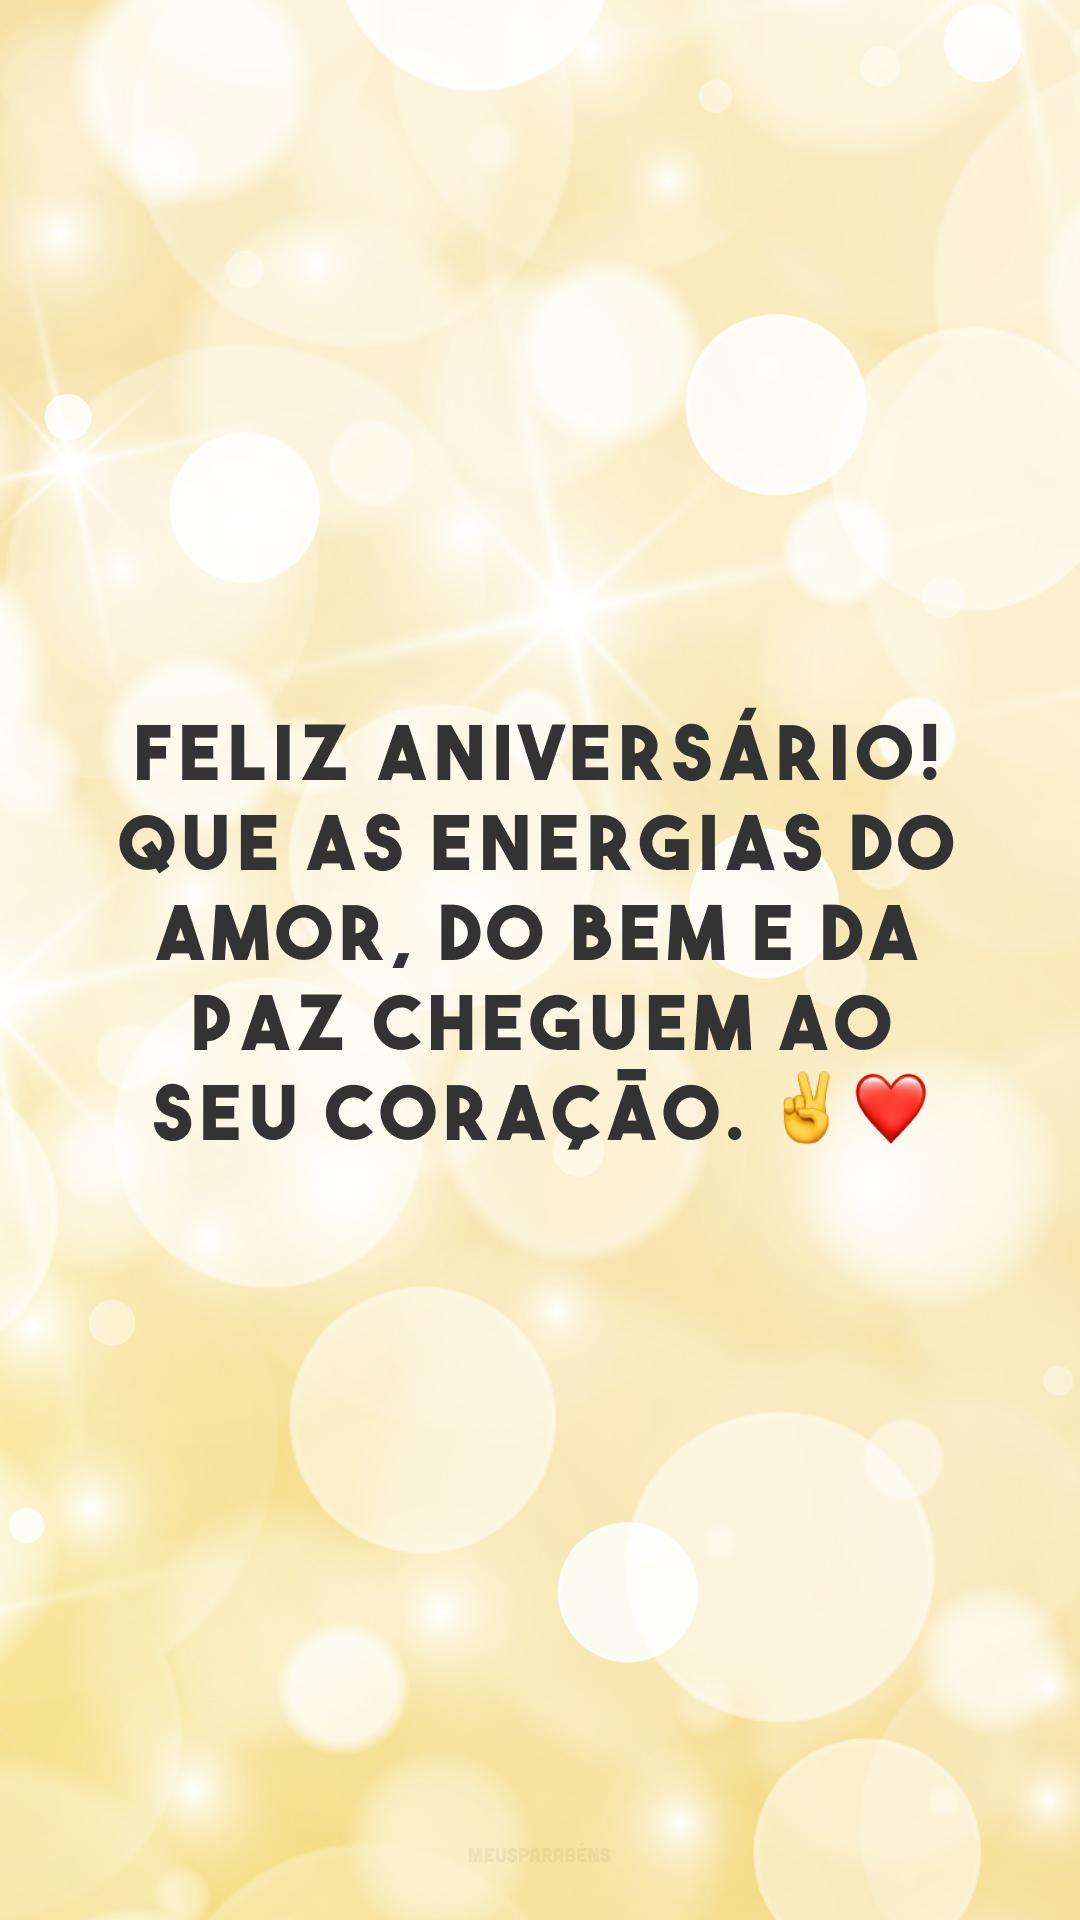 Feliz aniversário! Que as energias do amor, do bem e da paz cheguem ao seu coração. ✌❤